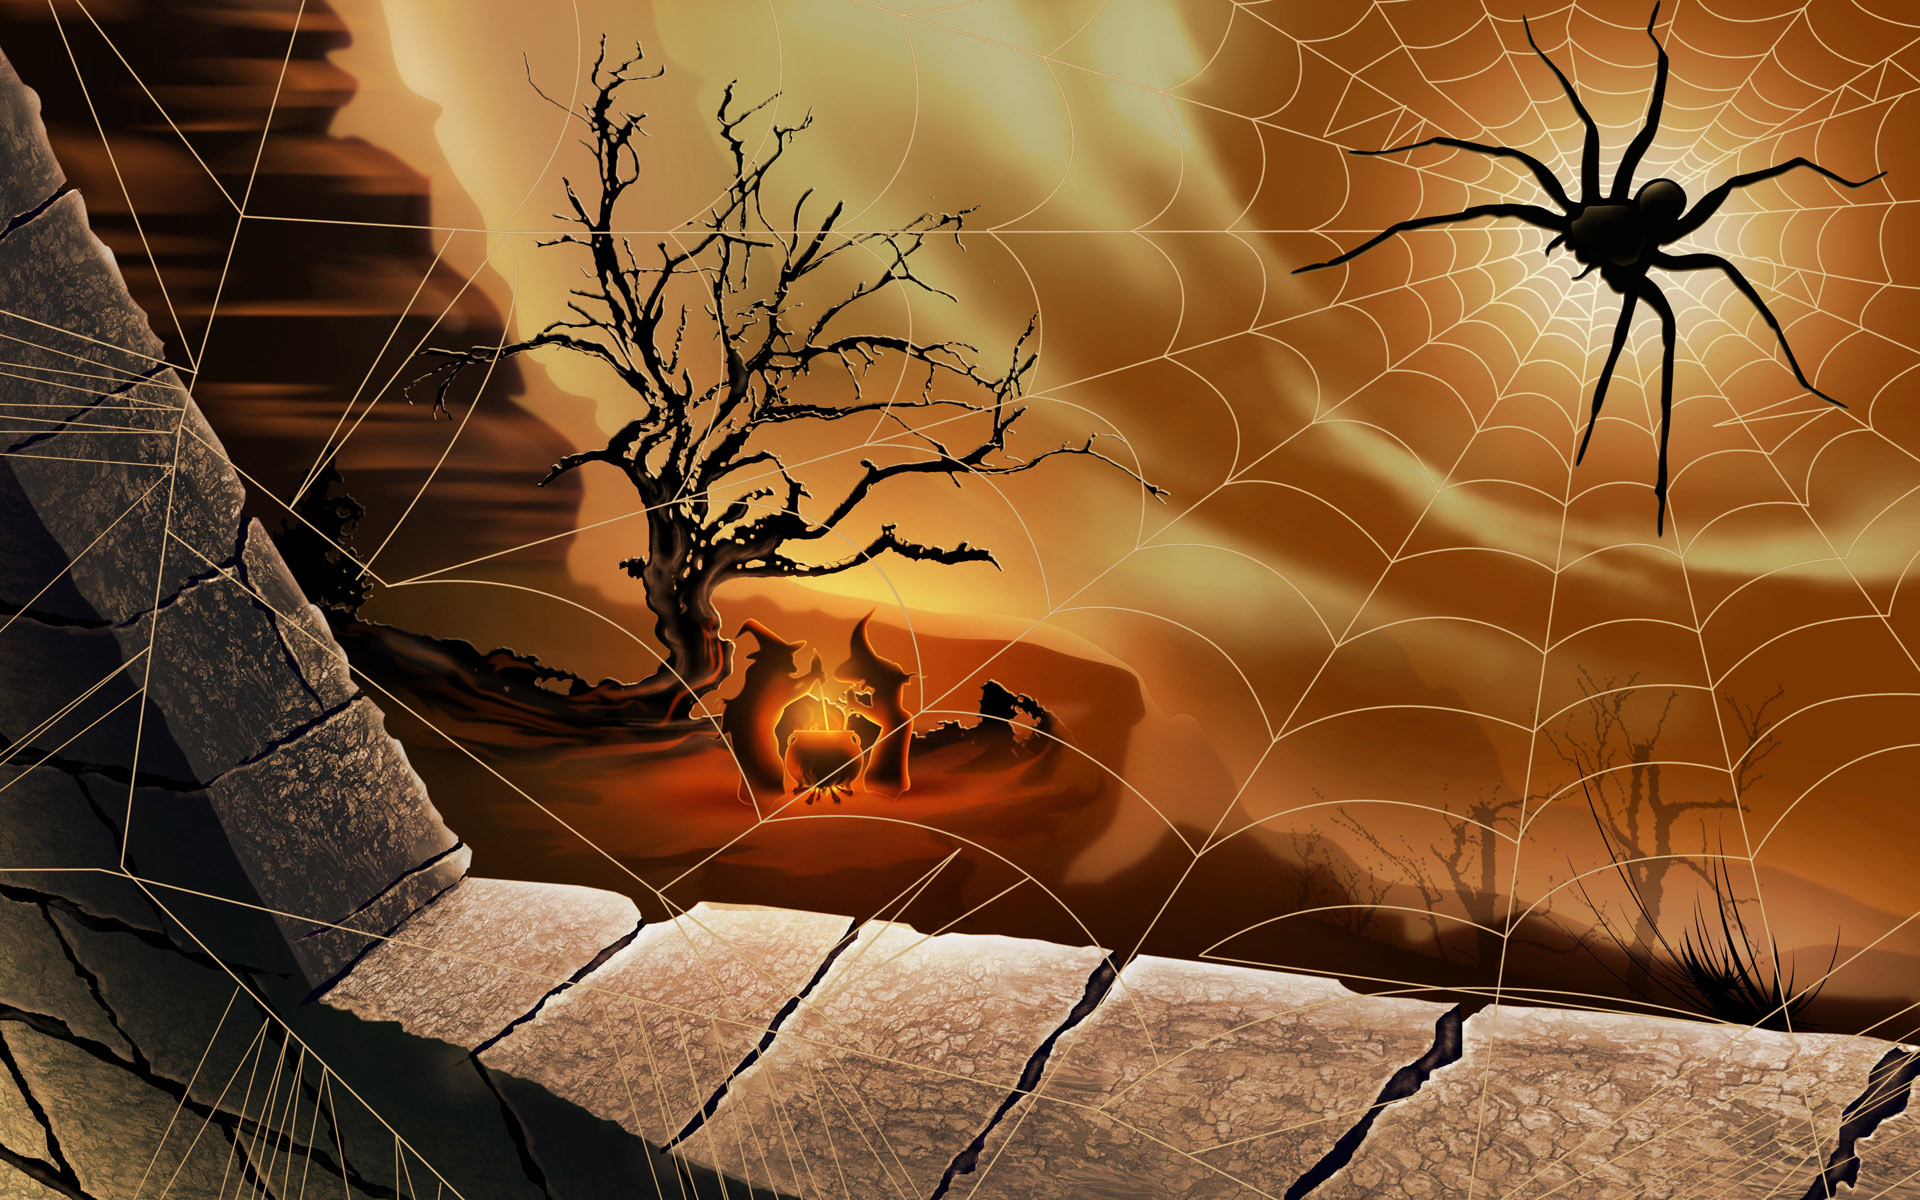 Halloween Desktop Vintage Halloween Desktop Wallpaper Widescreen